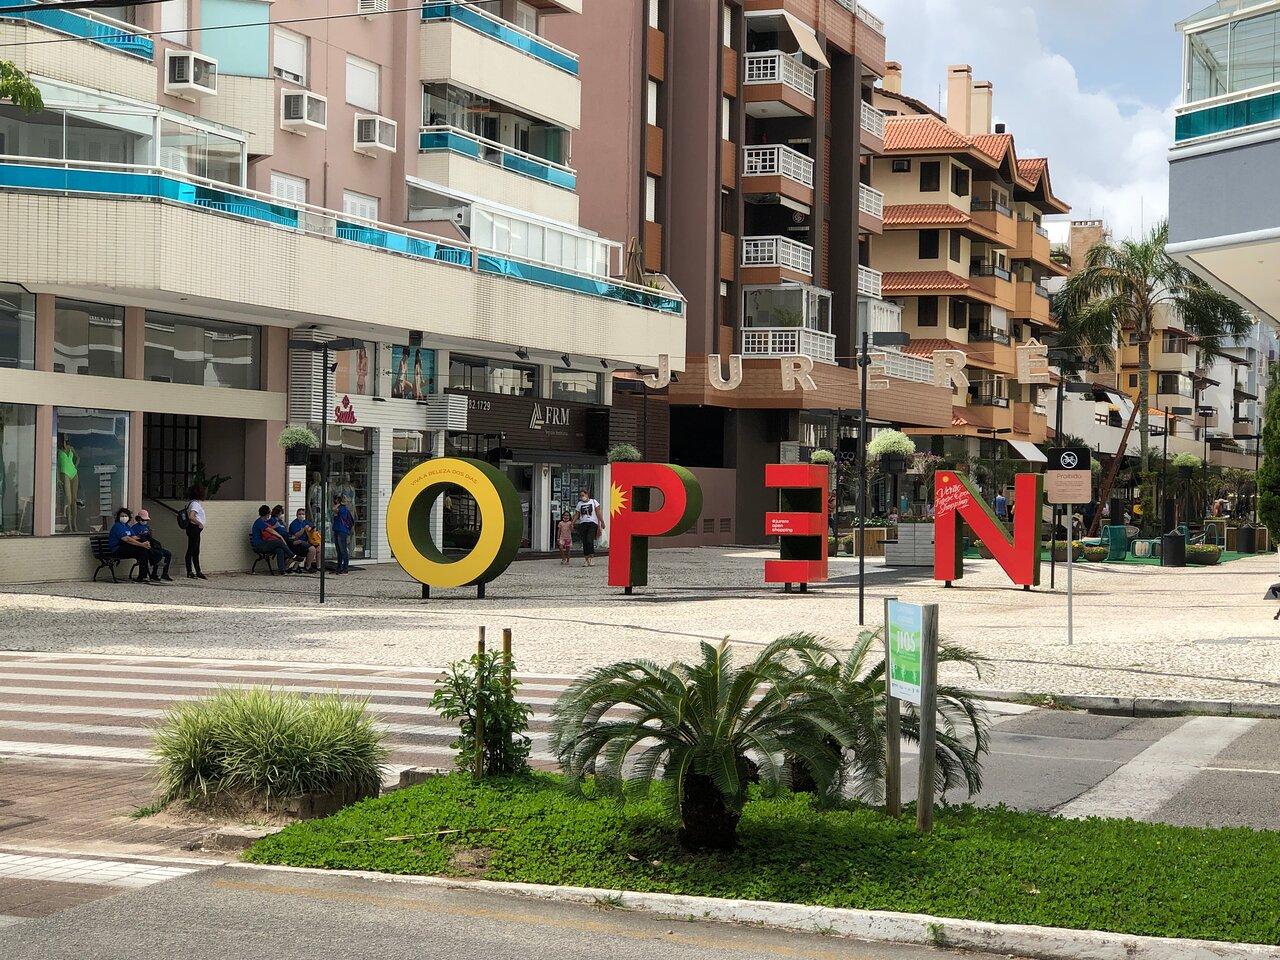 Jurere Open Shopping (Florianópolis) - ATUALIZADO 2021 O que saber antes de  ir - Sobre o que as pessoas estão falando - Tripadvisor